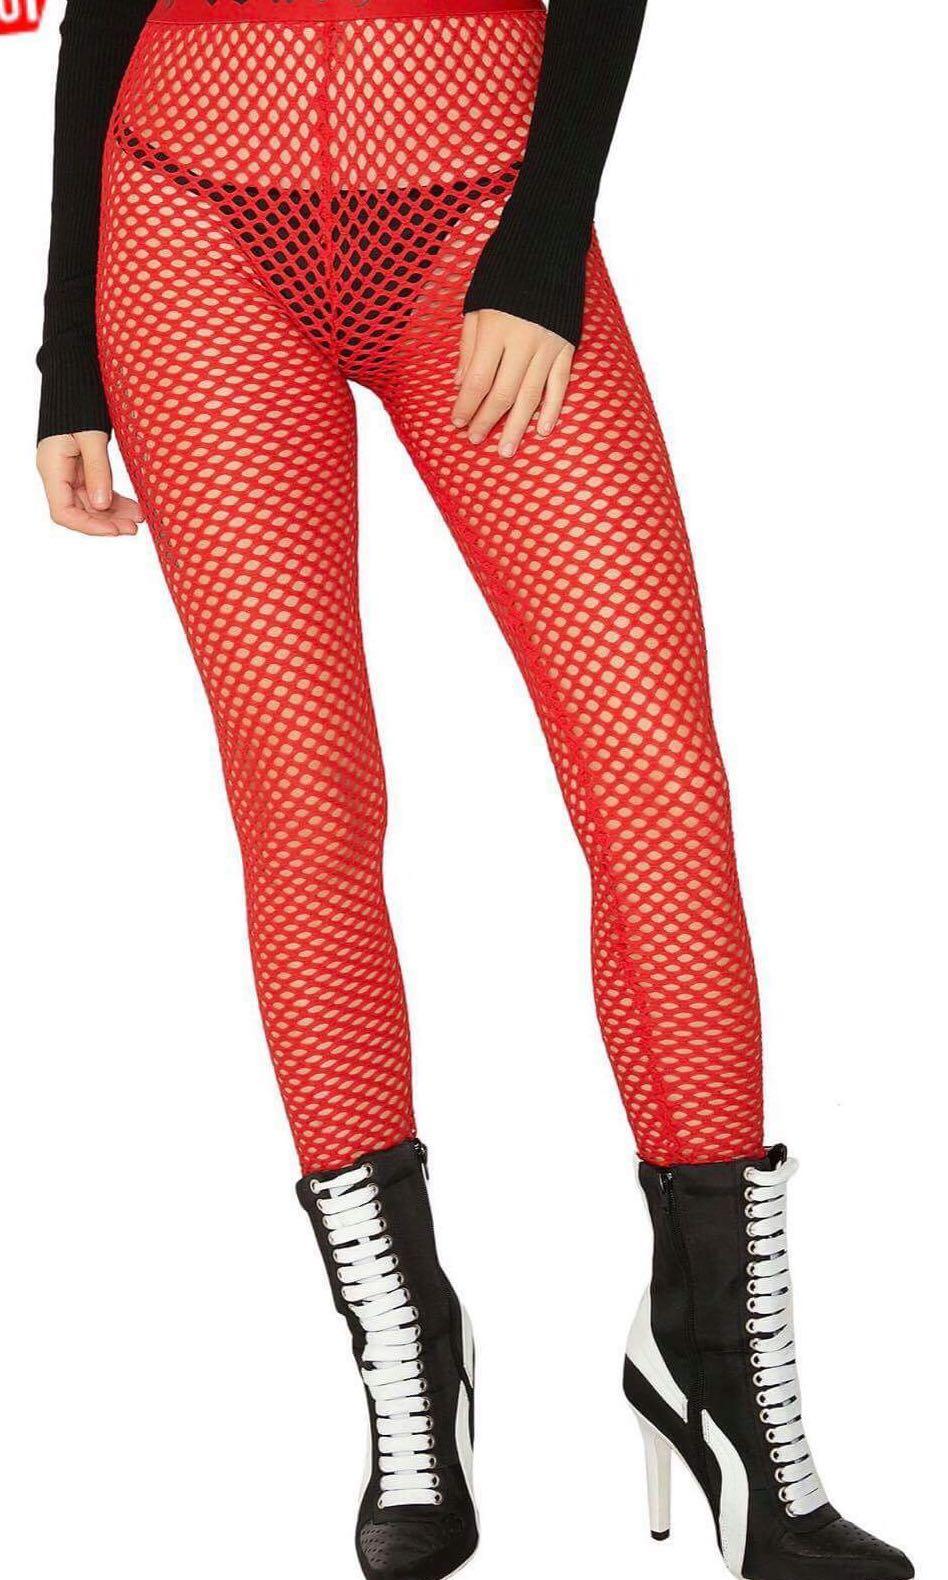 Red mesh leggings